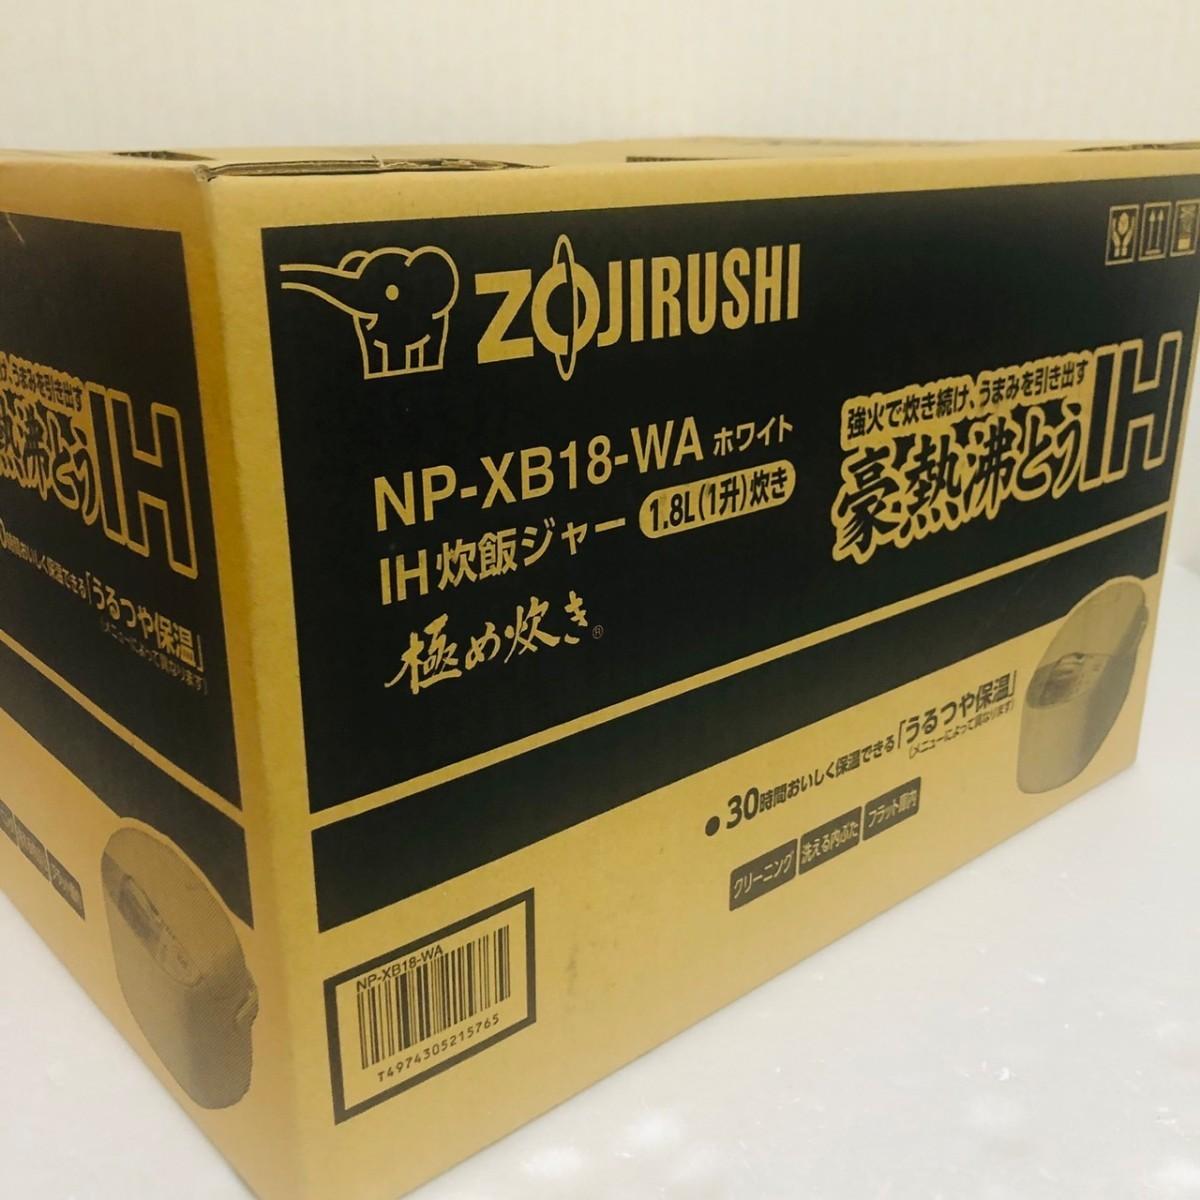 新品未開封  象印 IH炊飯ジャー  1升炊き   ZOJIRUSHI  極め炊き 保証書つき